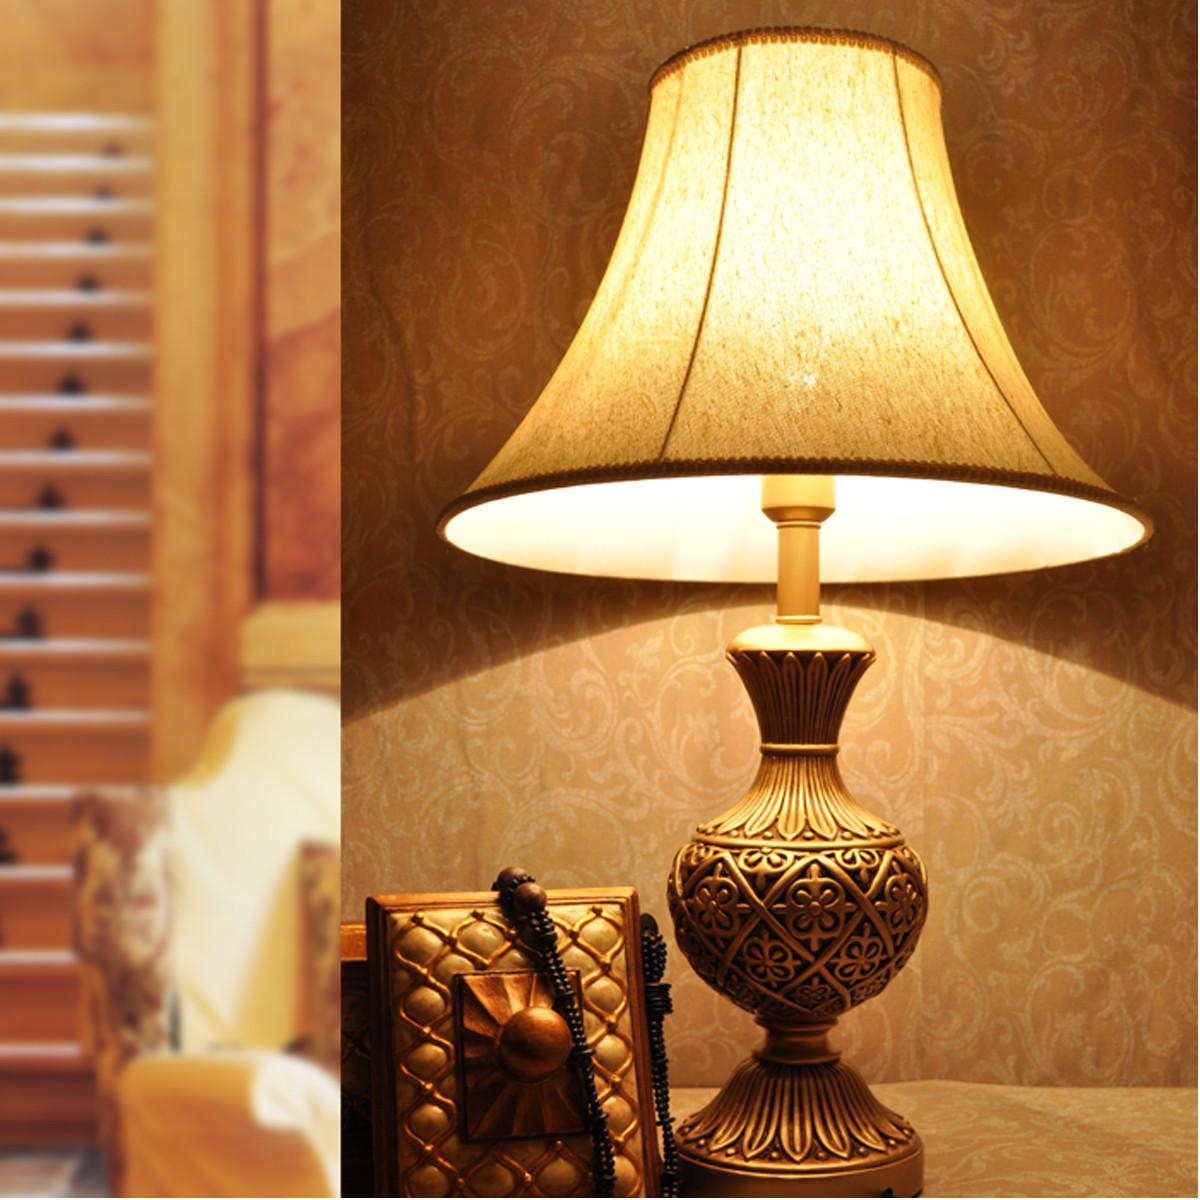 柏诗帝 金色布树脂欧式镂空雕花 台灯